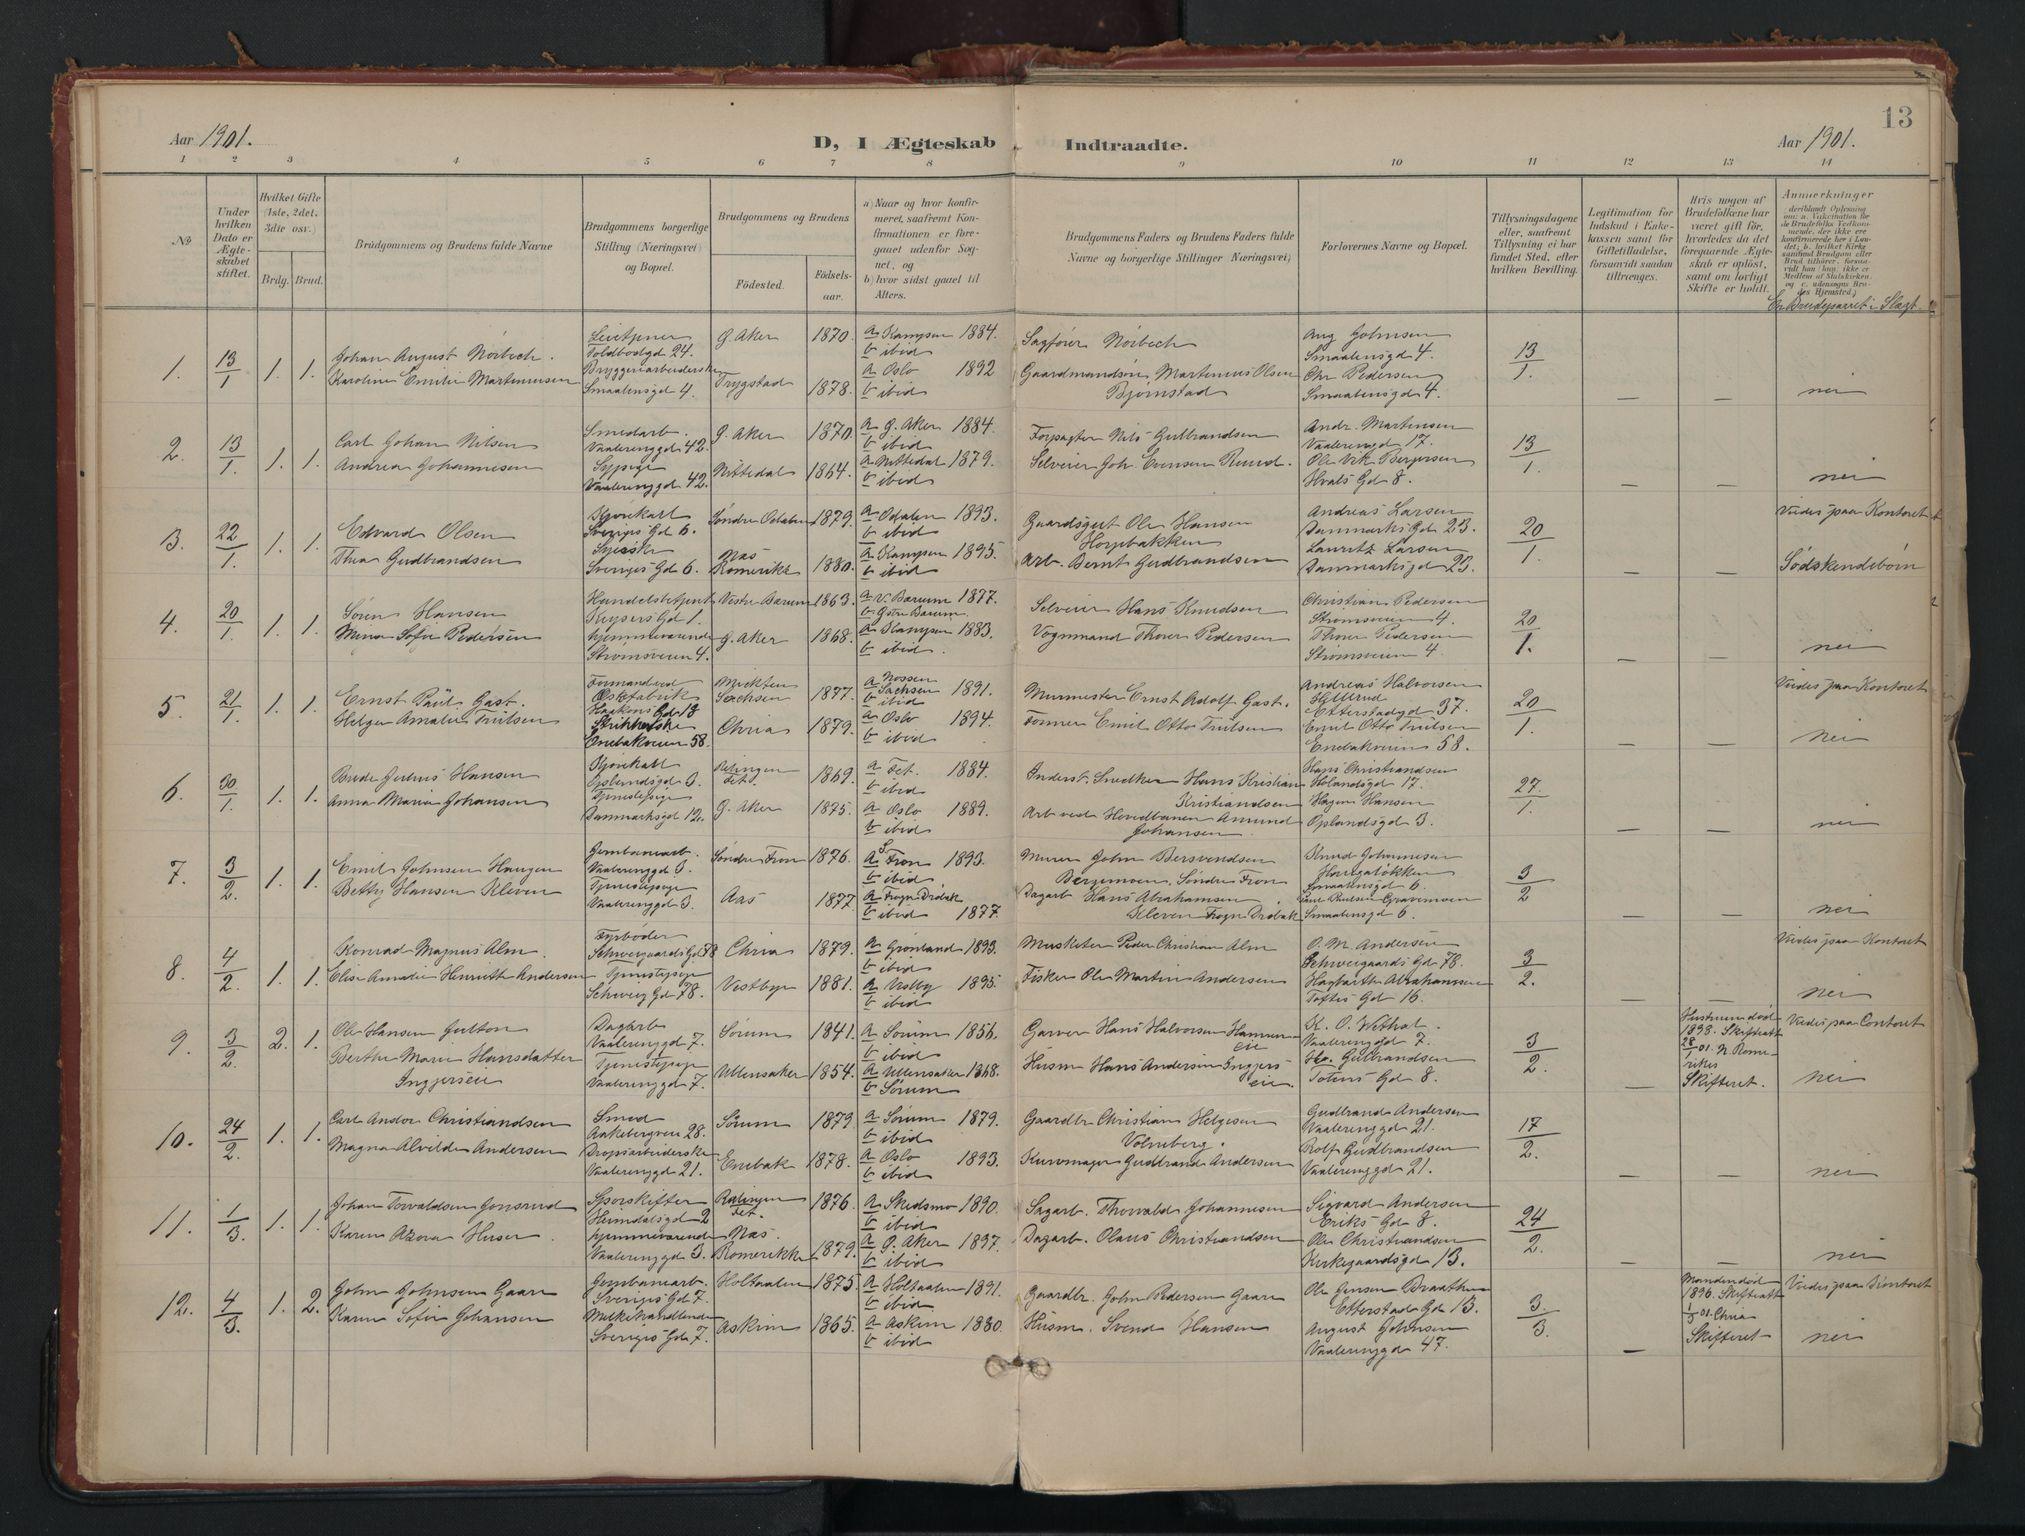 SAO, Vålerengen prestekontor Kirkebøker, F/Fa/L0002: Ministerialbok nr. 2, 1899-1924, s. 13